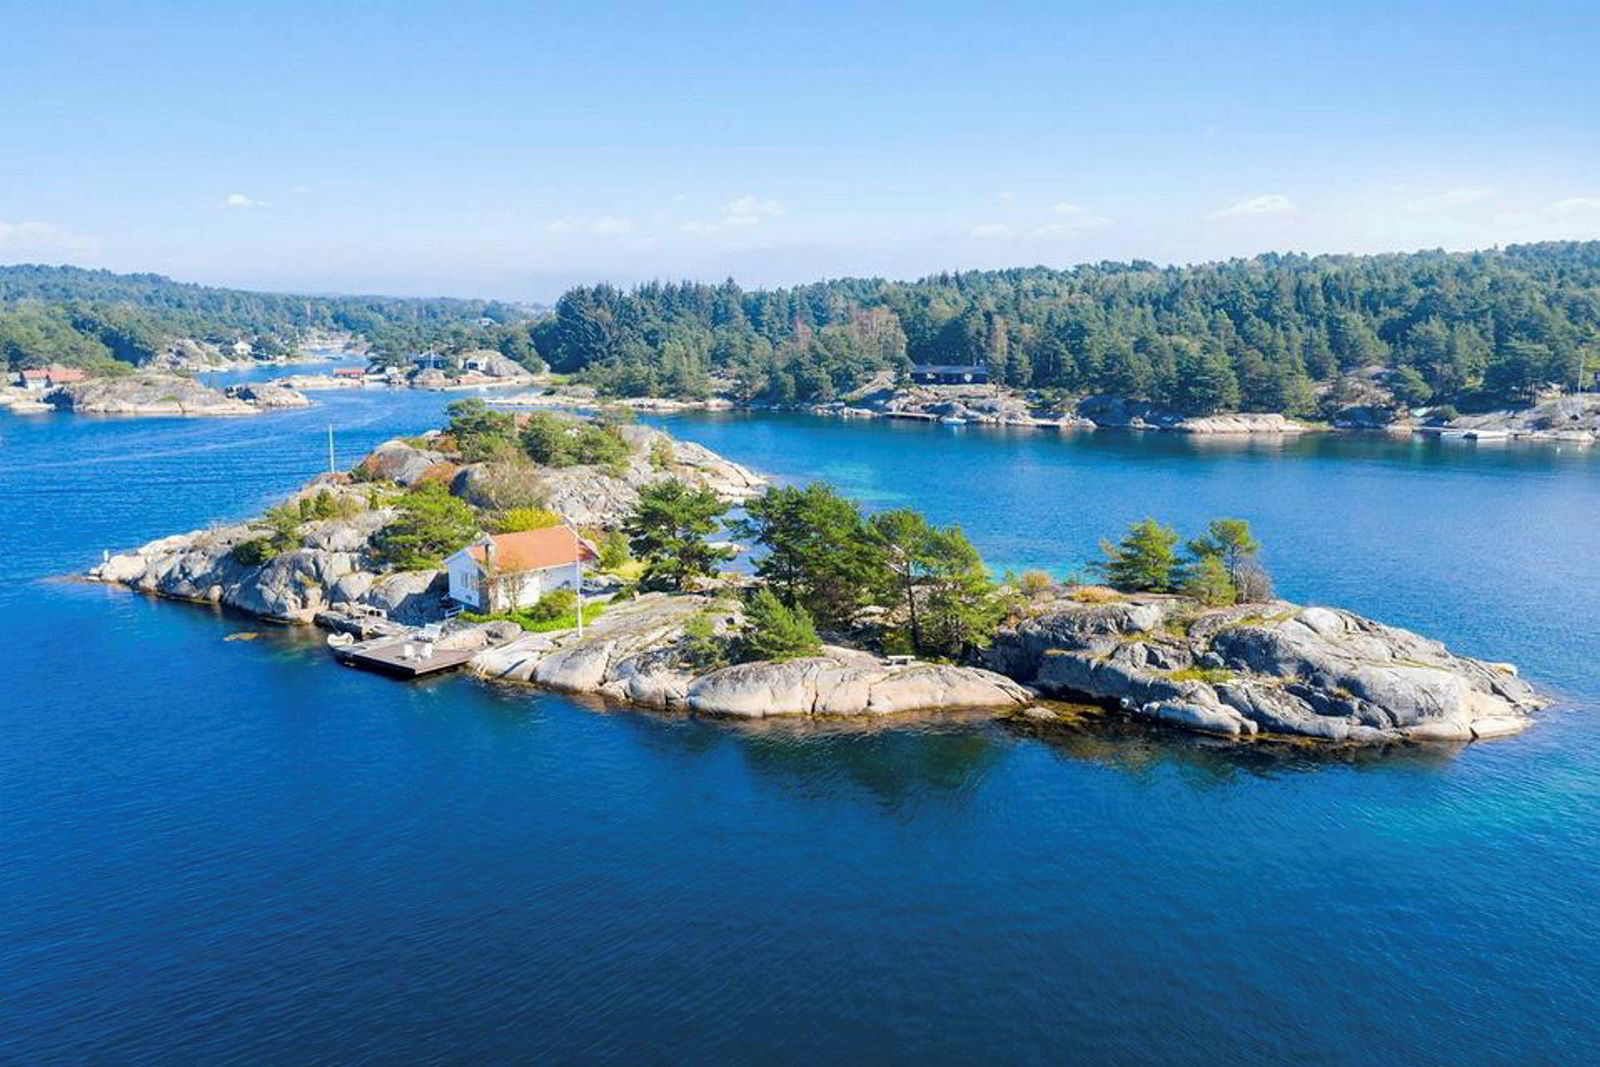 Holmen i Blindleia som nå er solgt etter en heftig budrunde er nærmeste nabo til Haraldsholmen som satte prisrekord da den for over 20 år siden ble solgt til norskamerikaneren Bjørn Krogh Borgen.